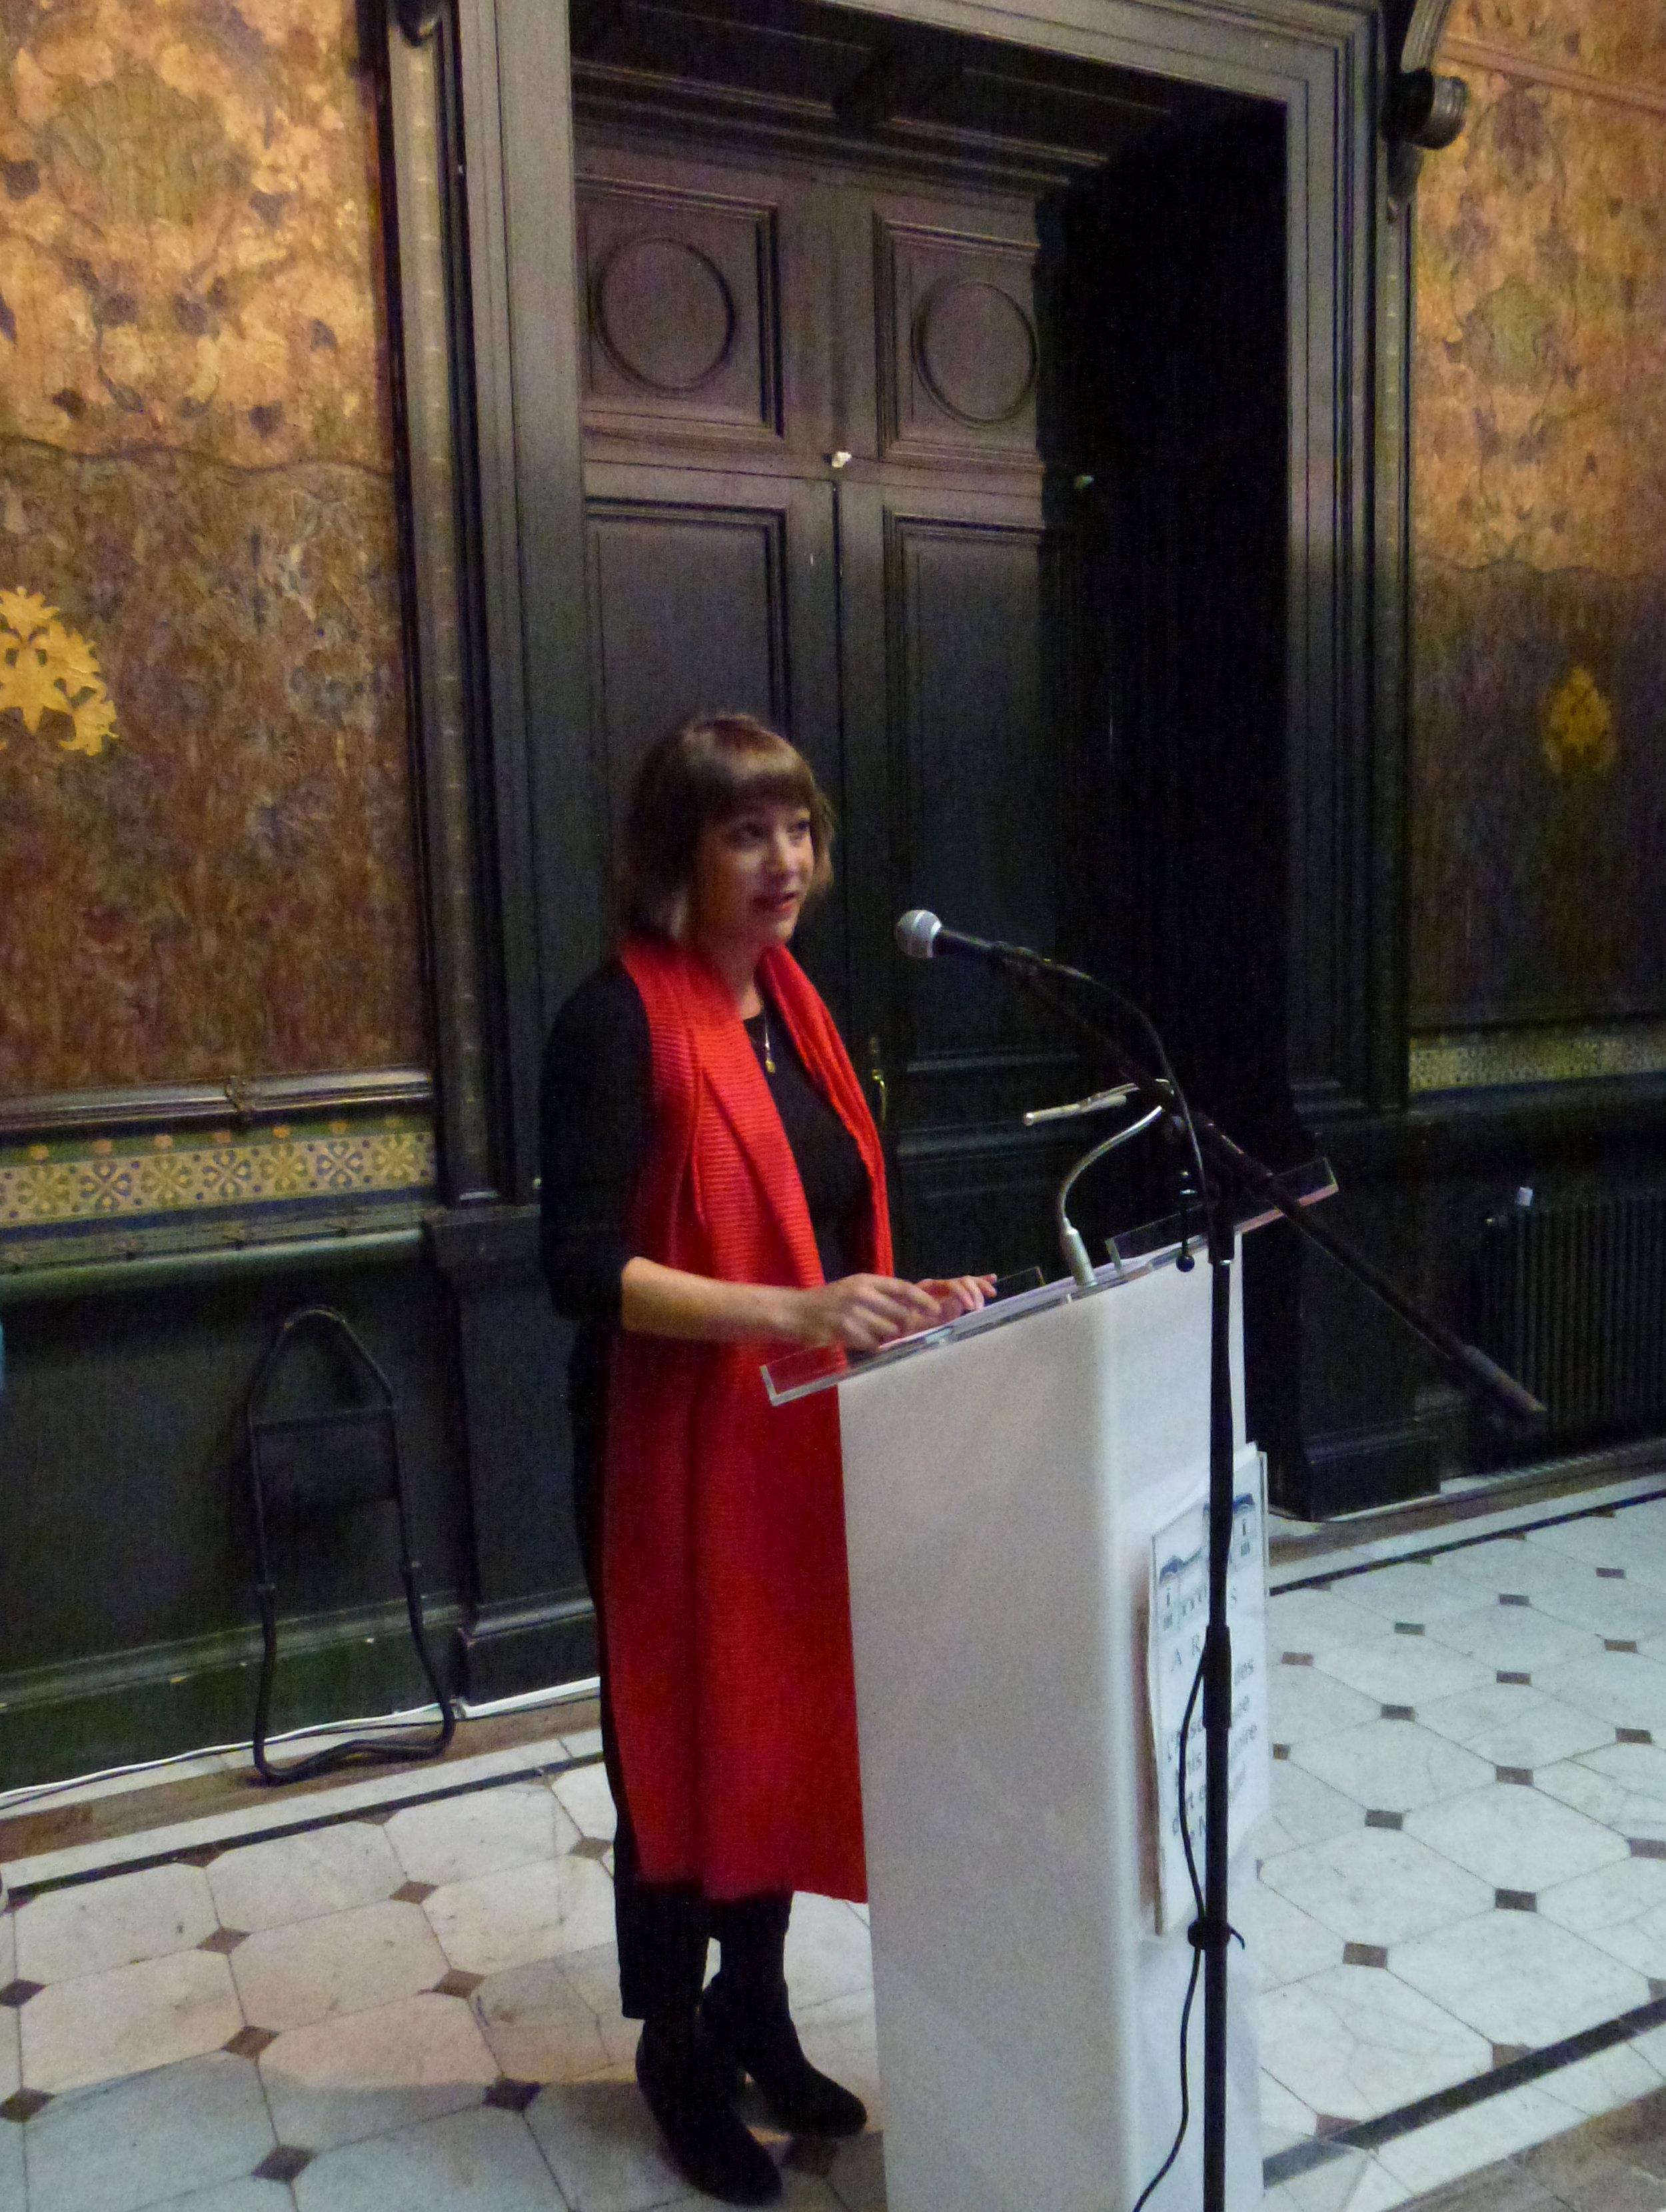 Séverine Cattin, qui a coordonné le contenu et le volet technique de la borne tactile interactive